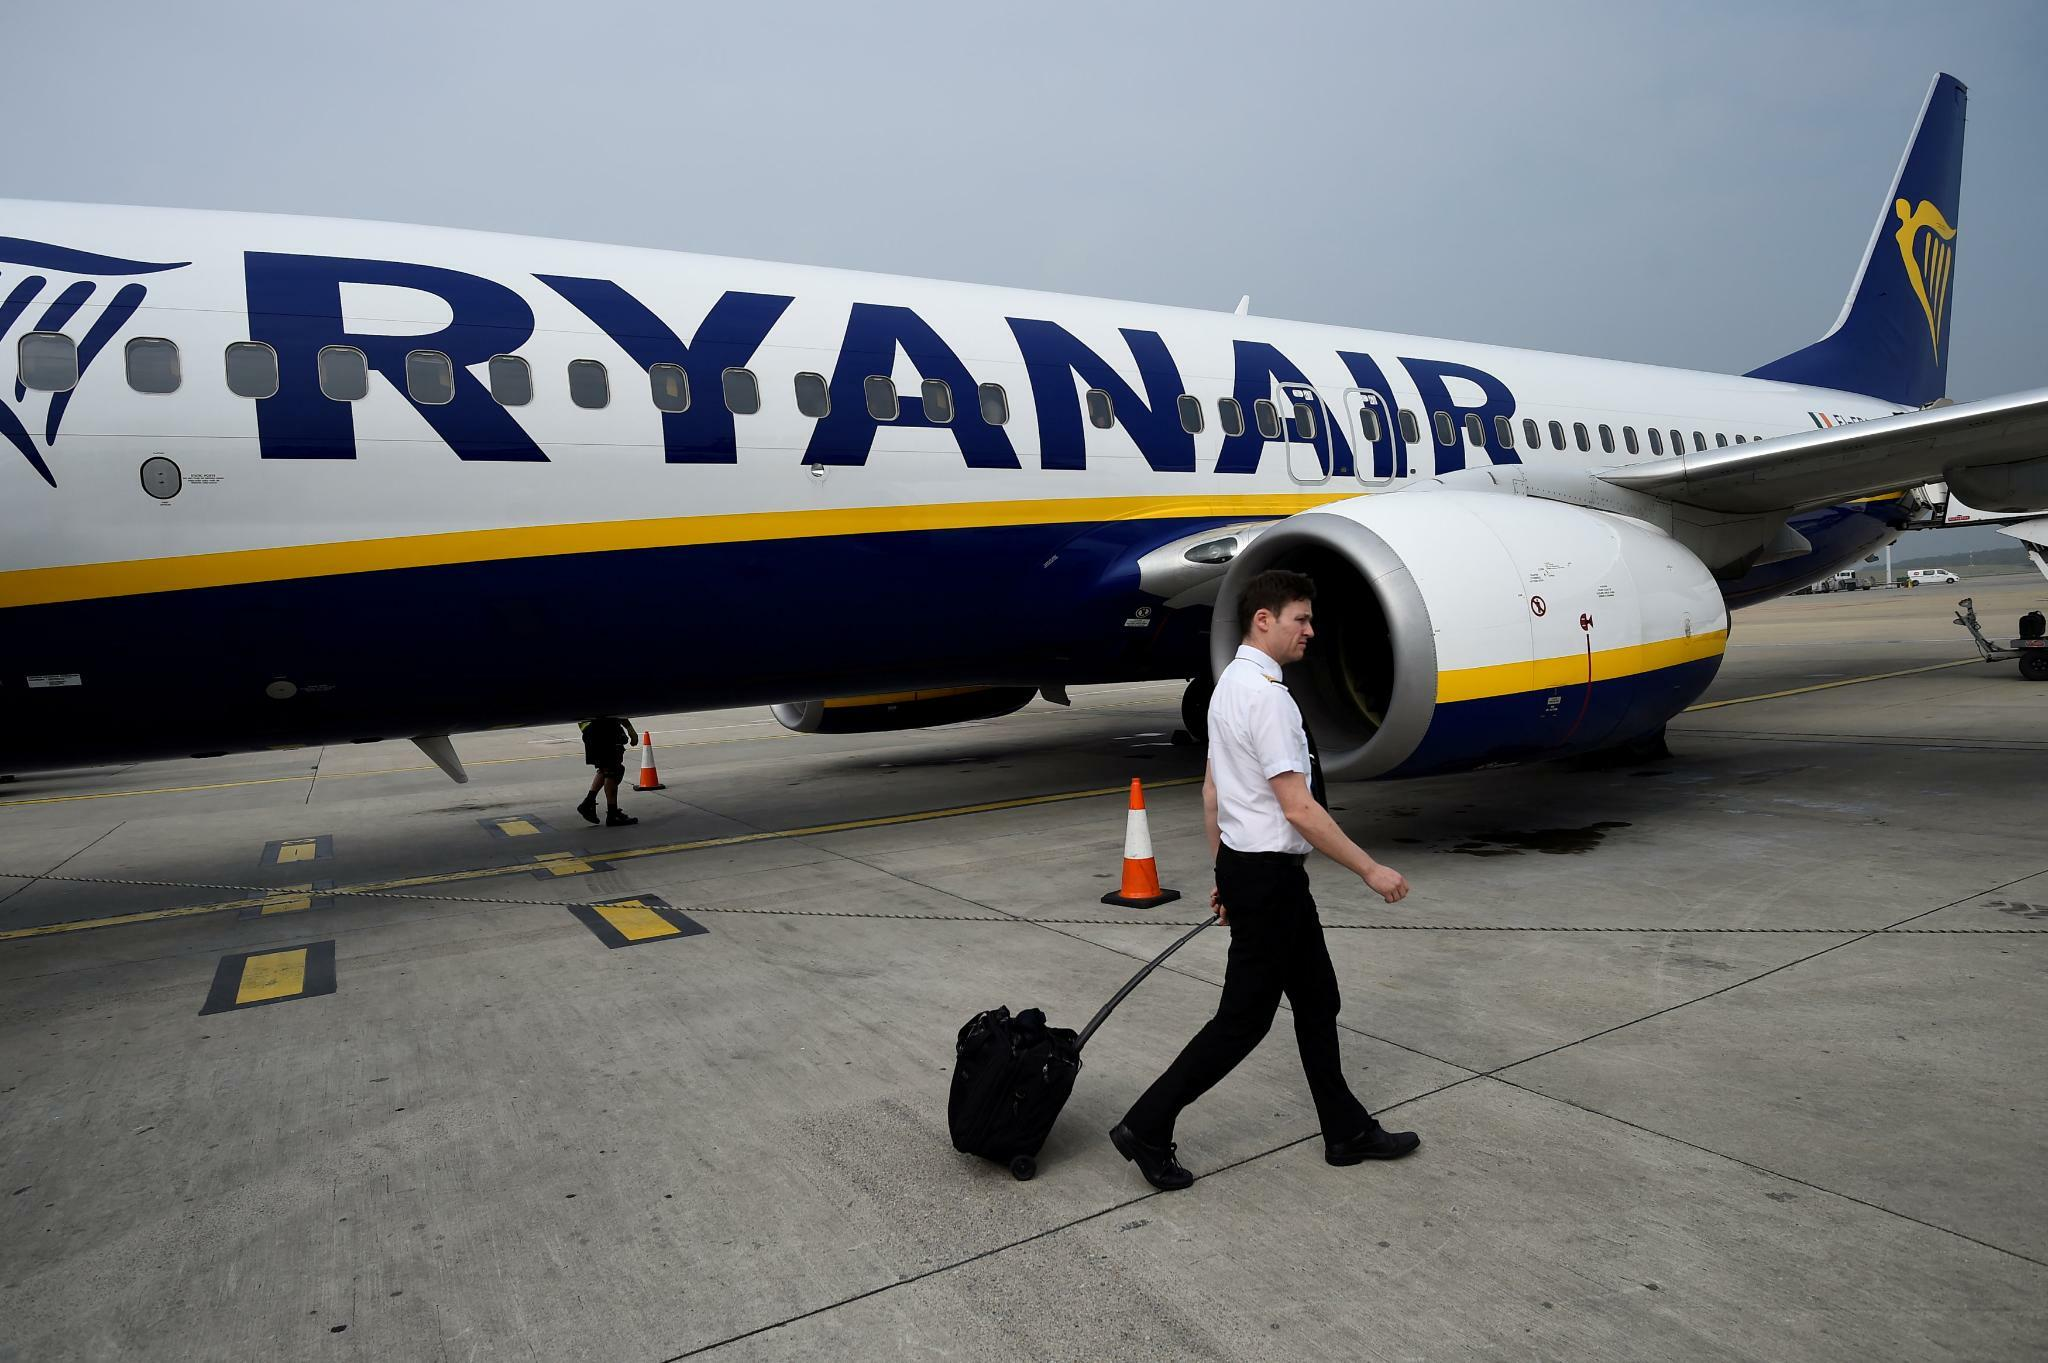 Ryanair: Piloten streiken am Freitagmorgen